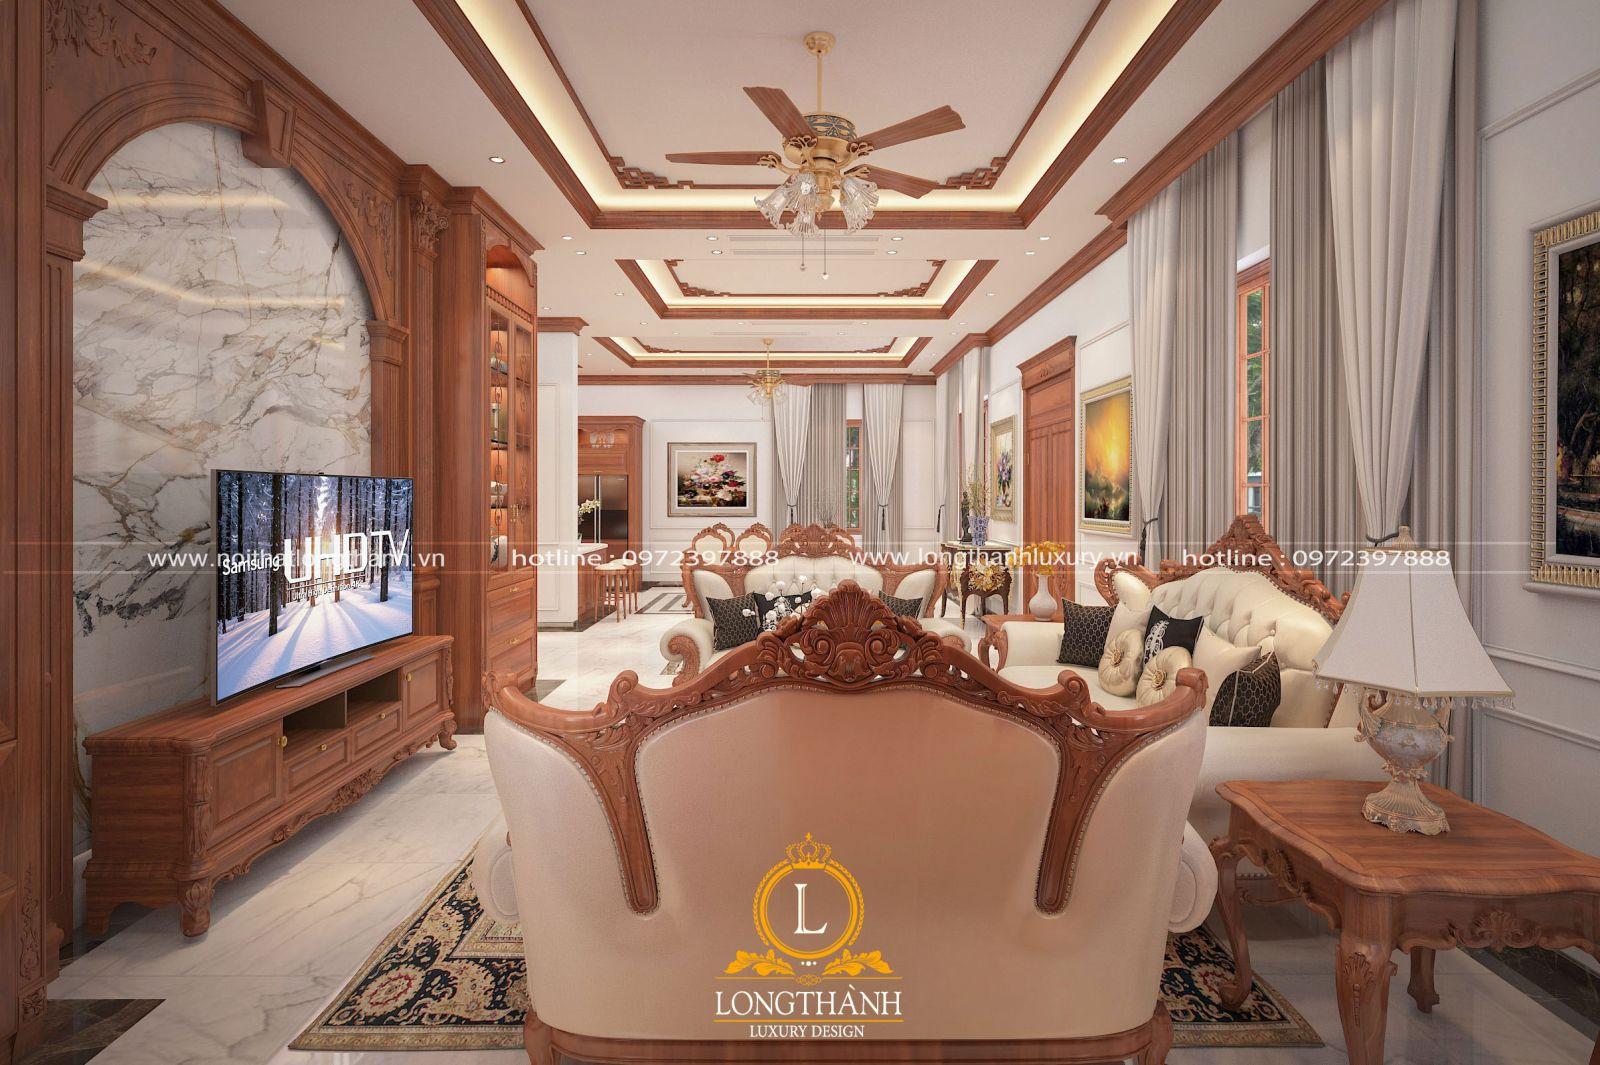 Nội thất trong phòng khách tân cổ điển biệt thự được thiết kế và bài trí đồng bộ